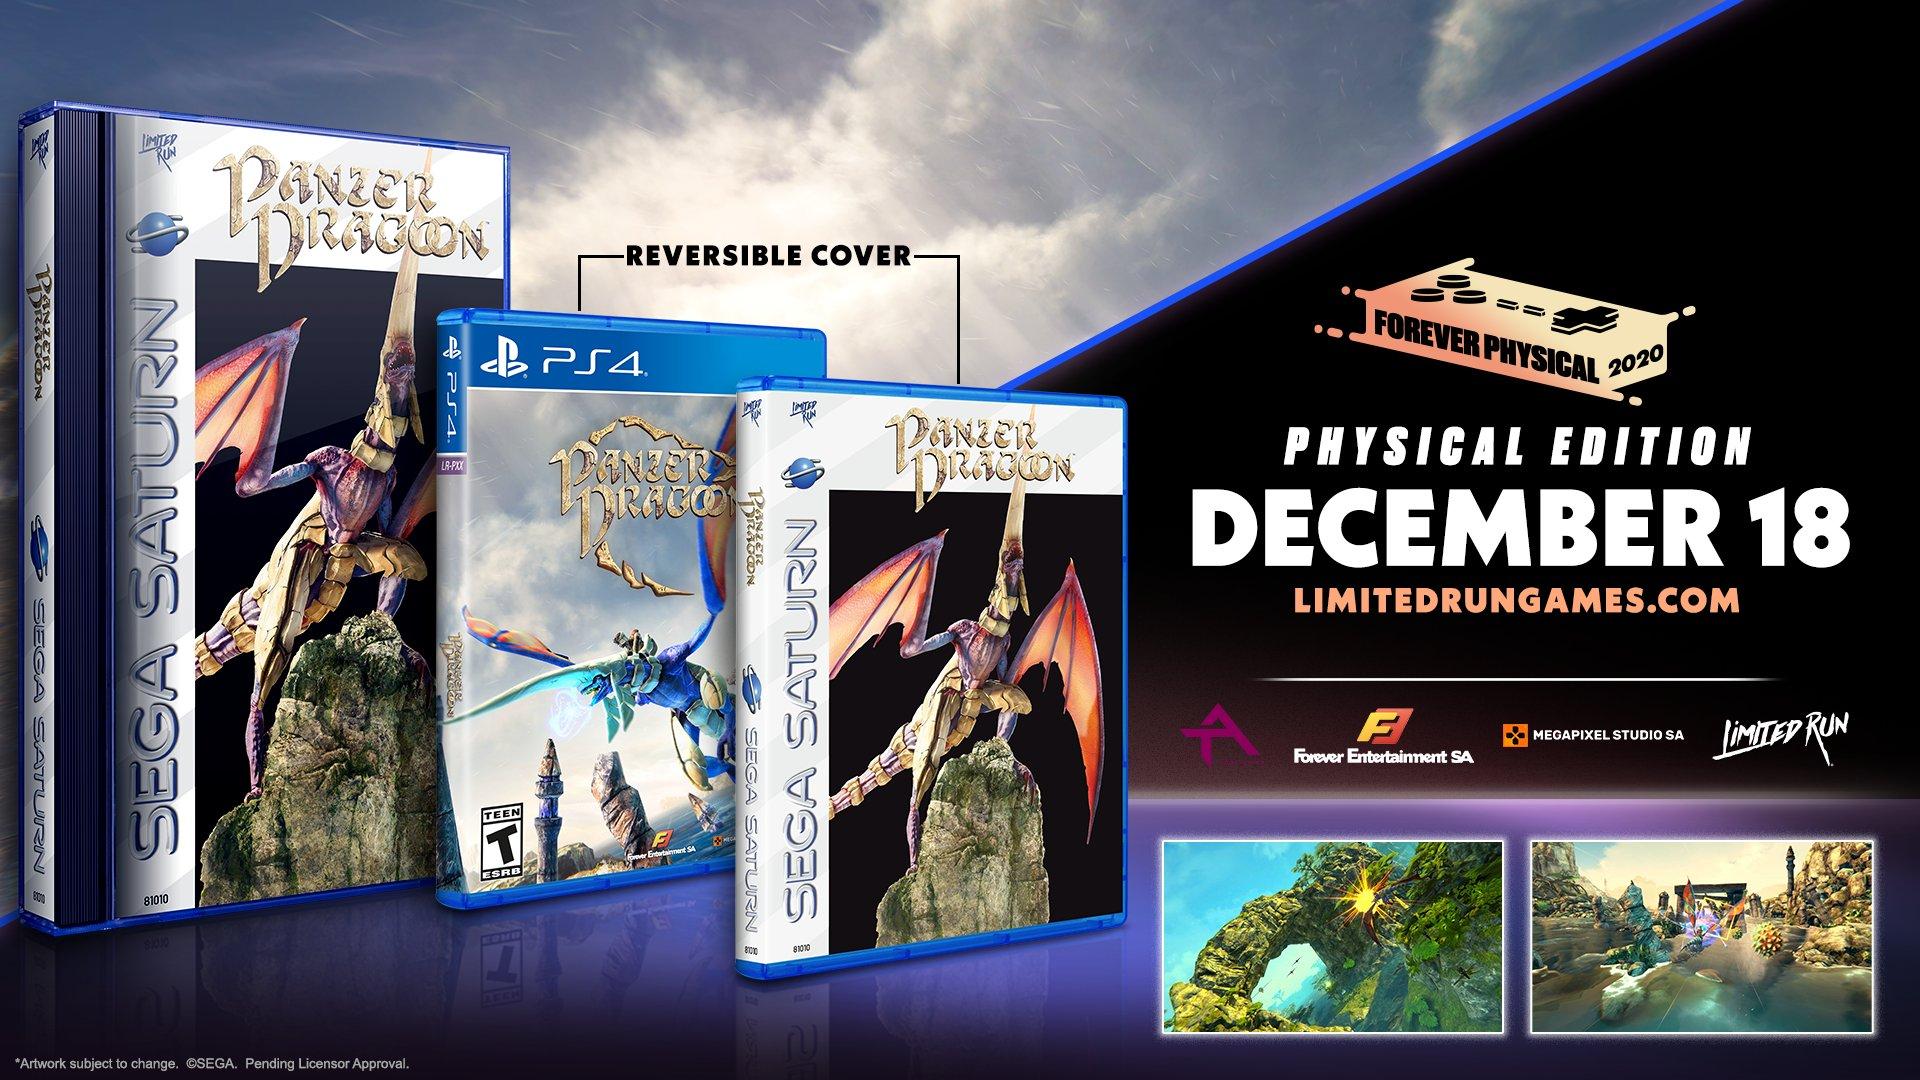 《铁甲飞龙:重制版》推出PS4限量实体版 18日预售